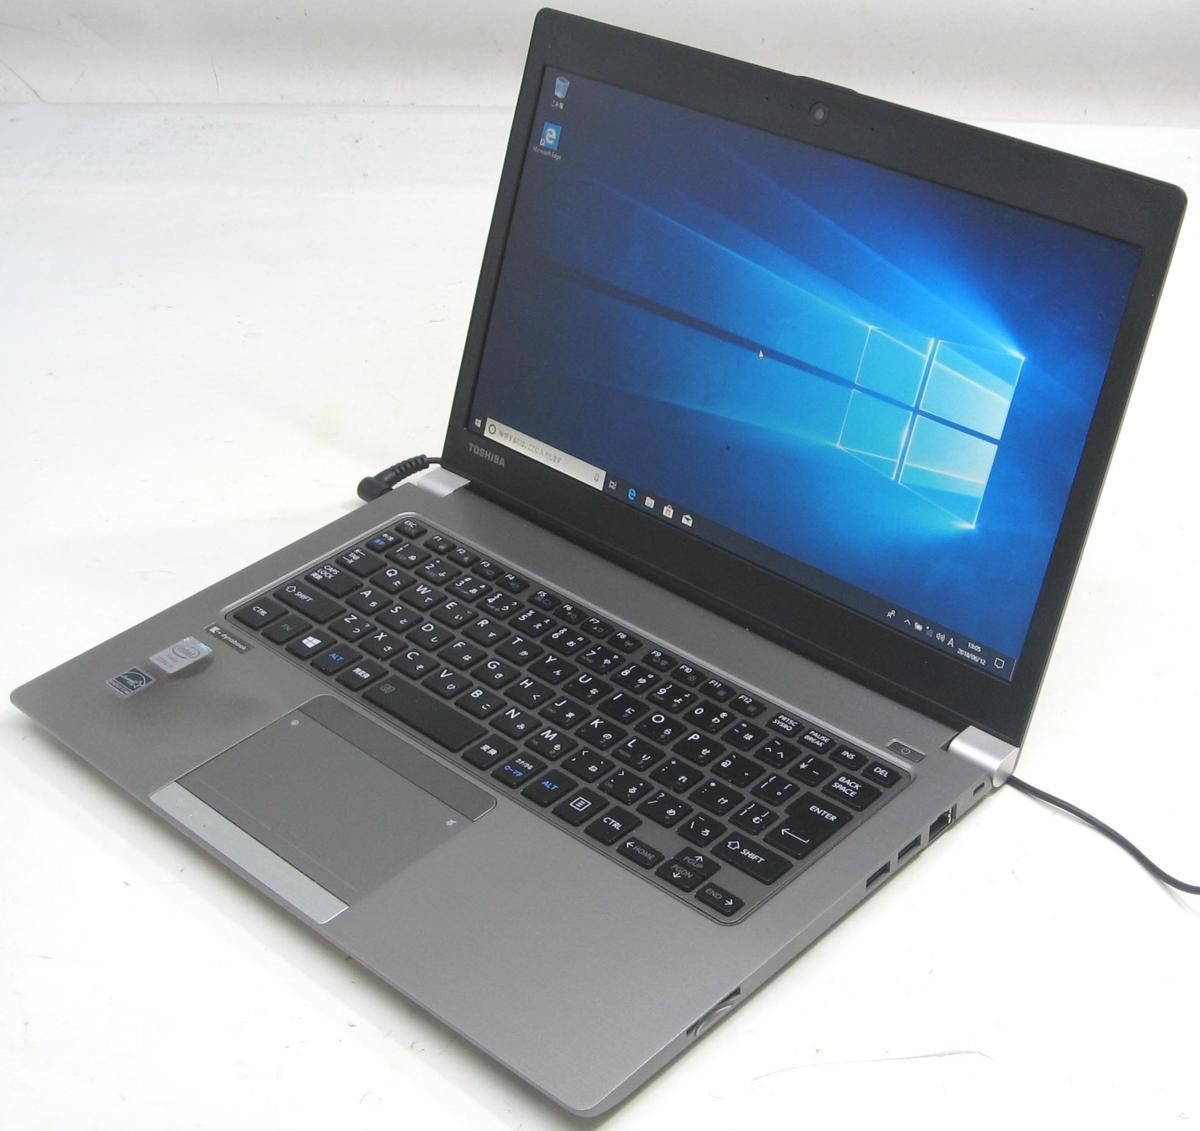 中古ノートパソコン 東芝 dynabook R634/L PR634LAA647AD71(東芝 Windows10 Corei5 SSD搭載 HDMI出力端子)【中古】【中古パソコン/中古PC】